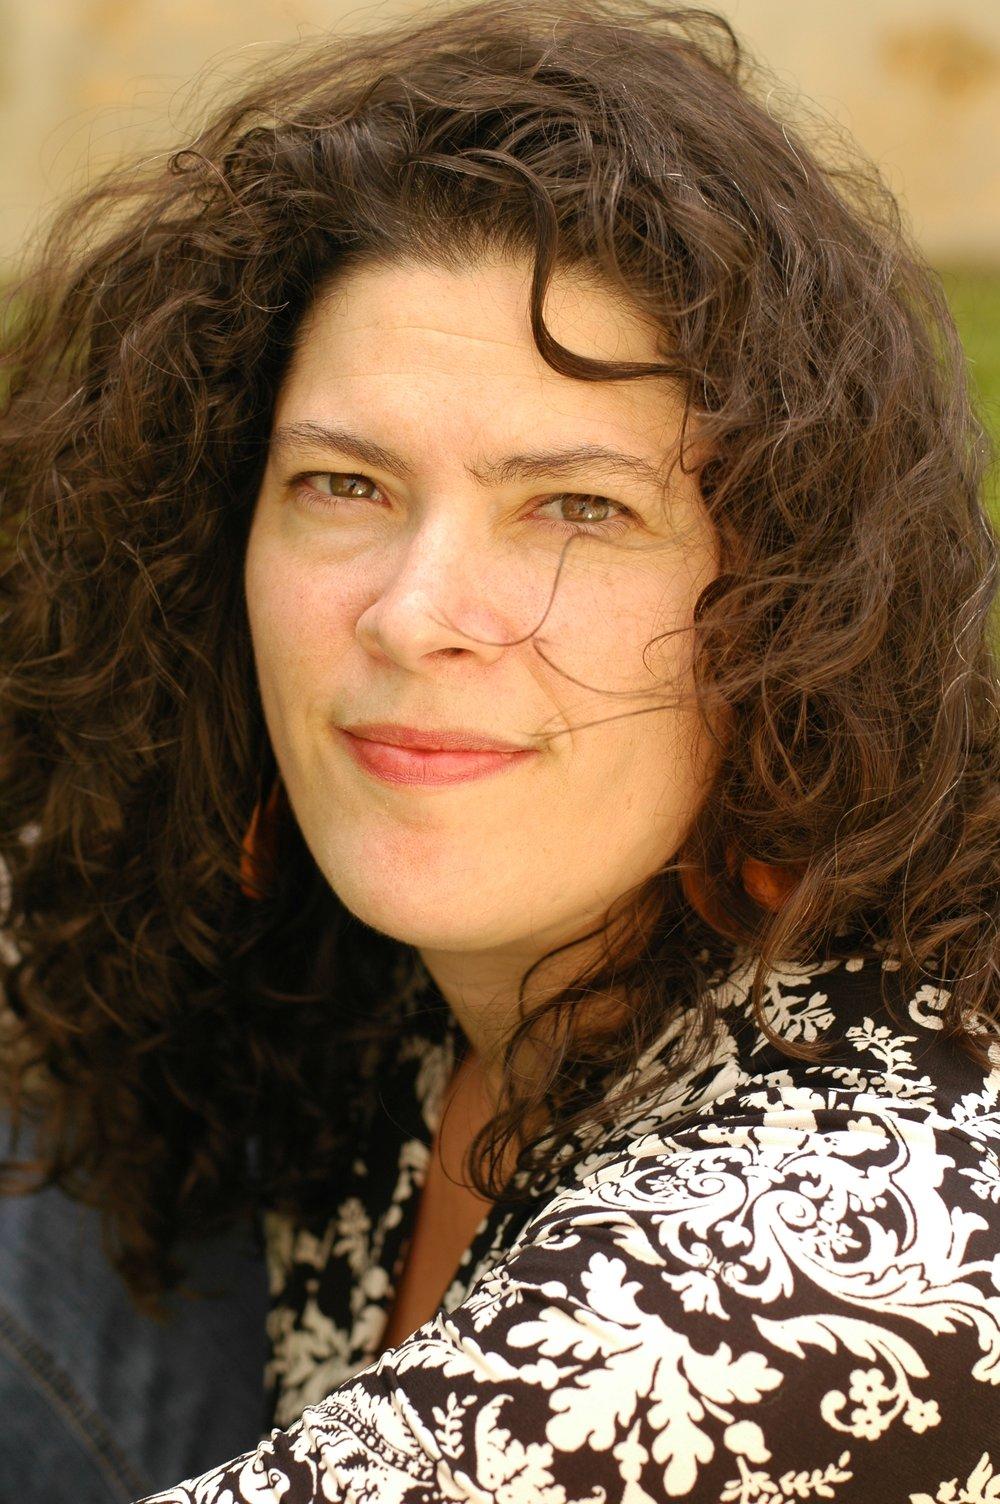 Shana Ryder